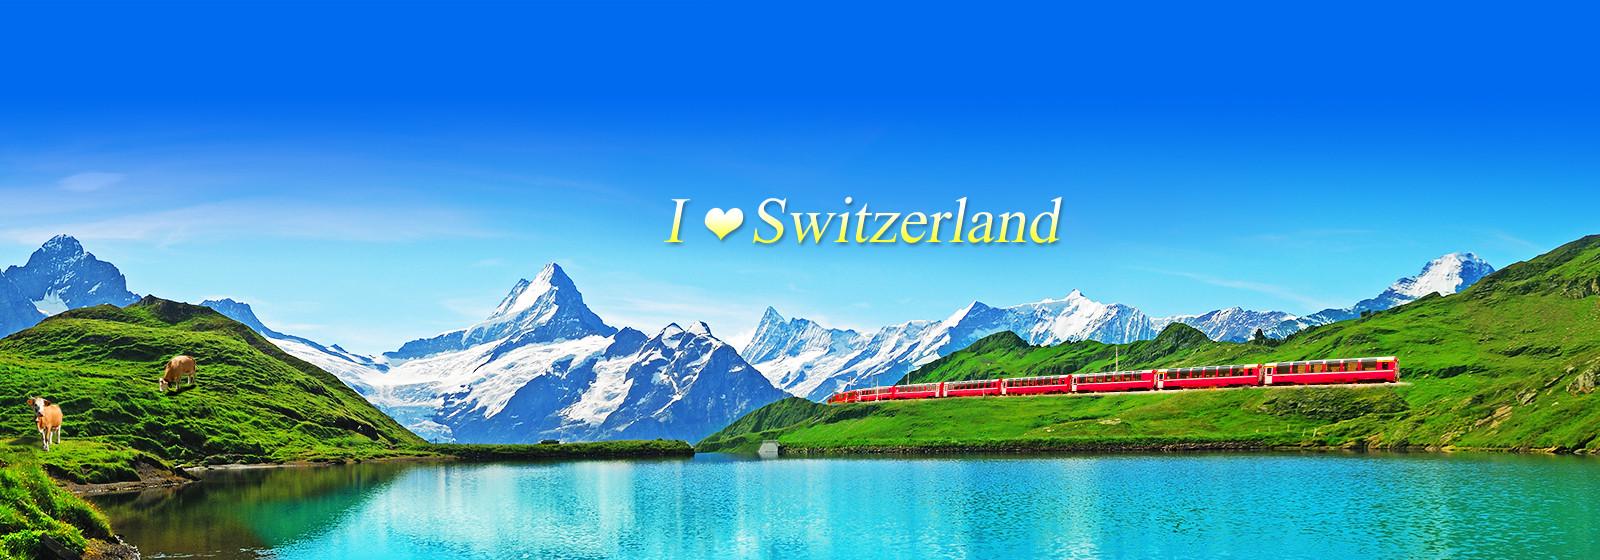 I love?Switzerland